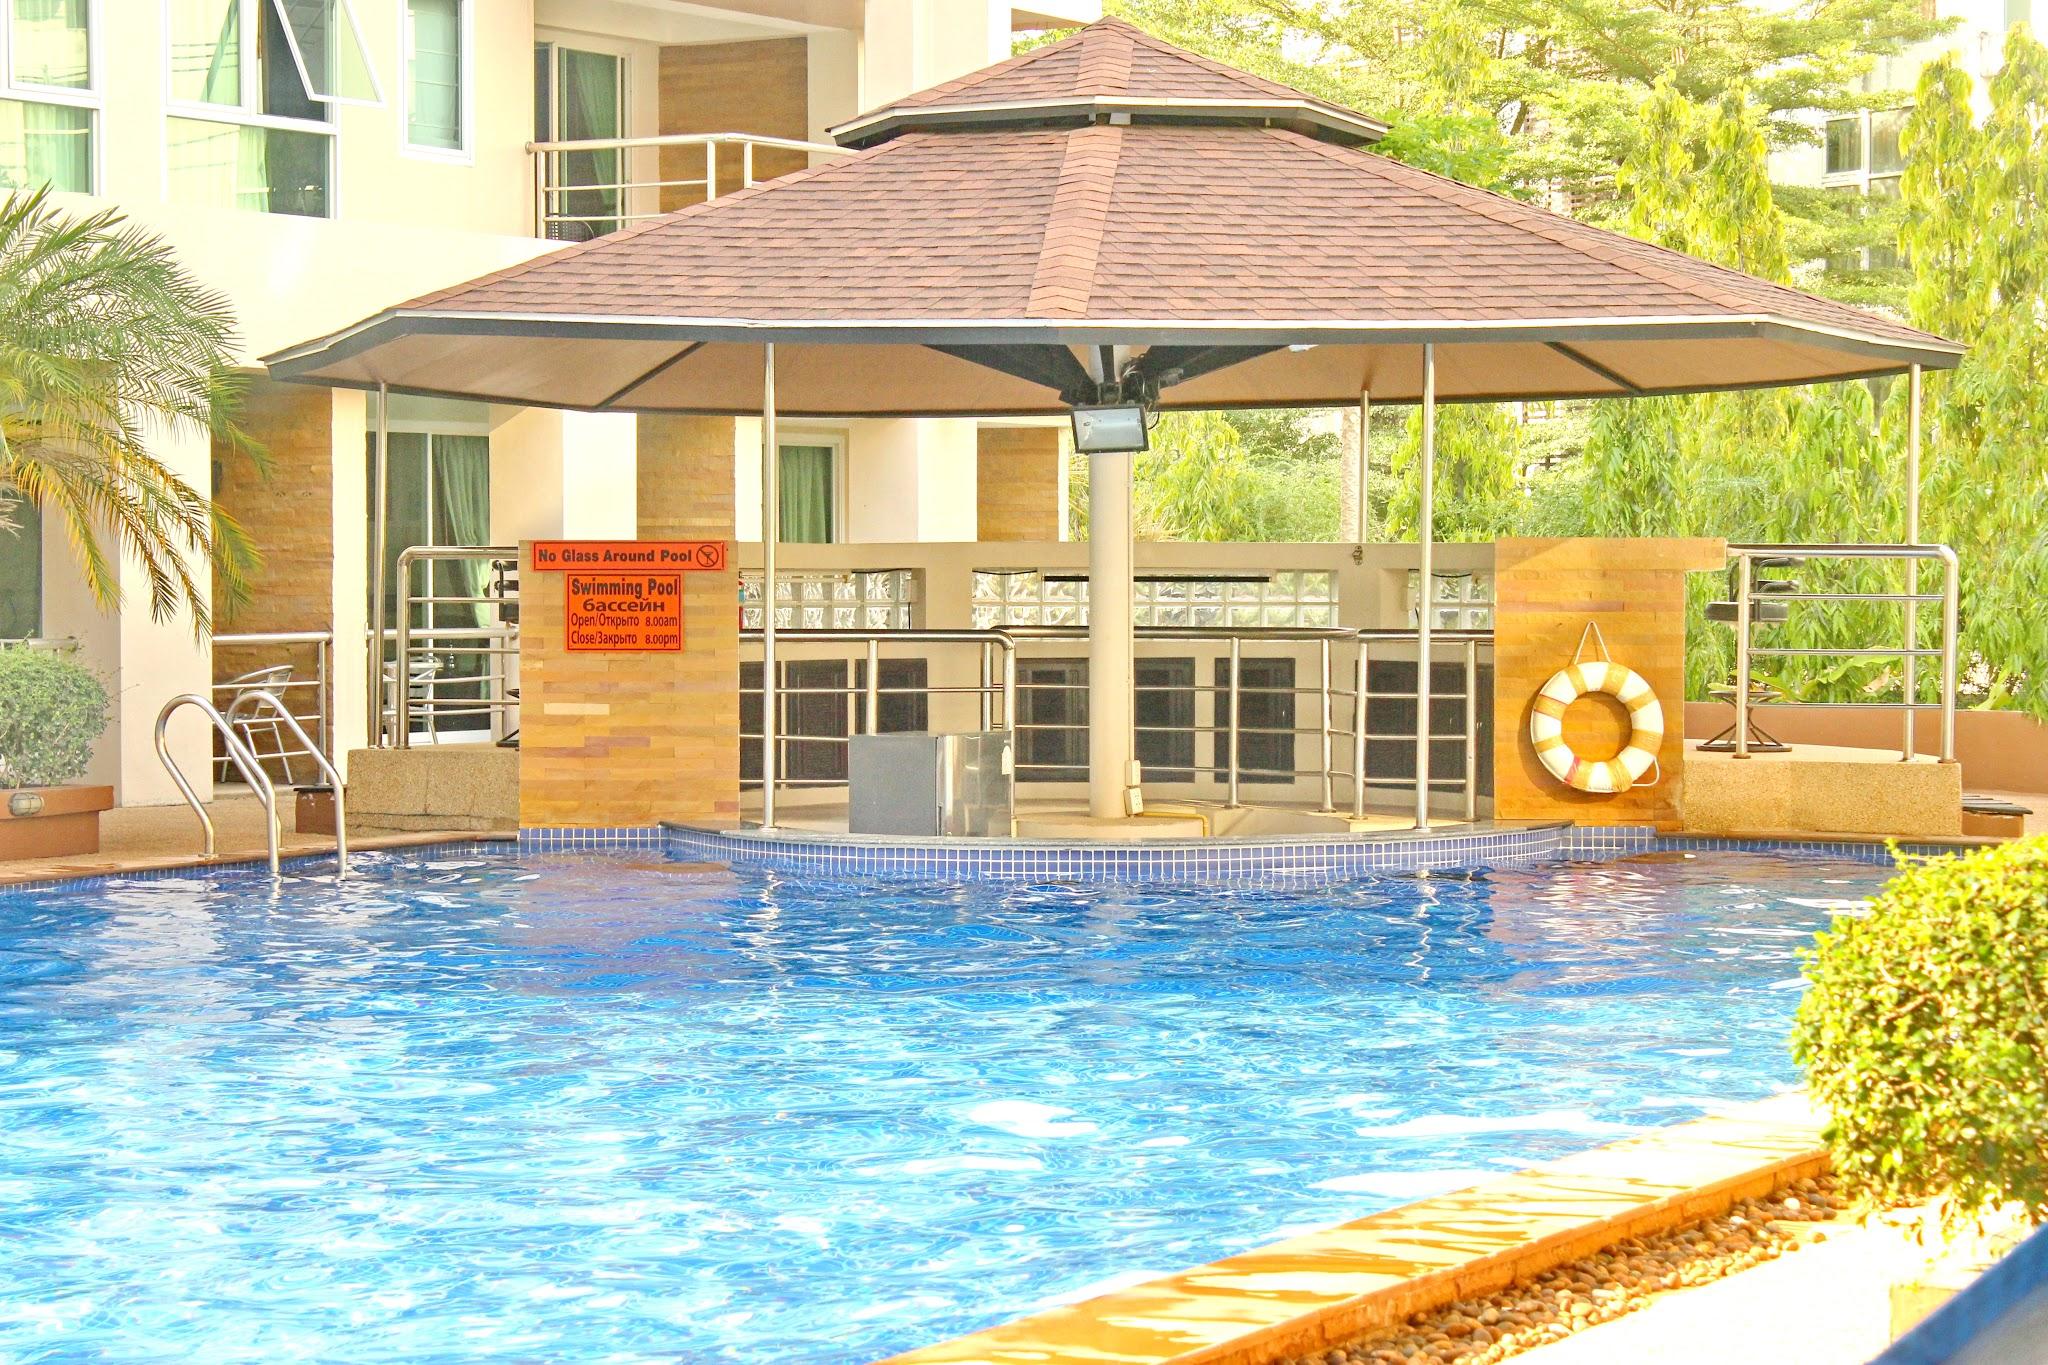 Patong Harbor View Self Catering Pool Bar